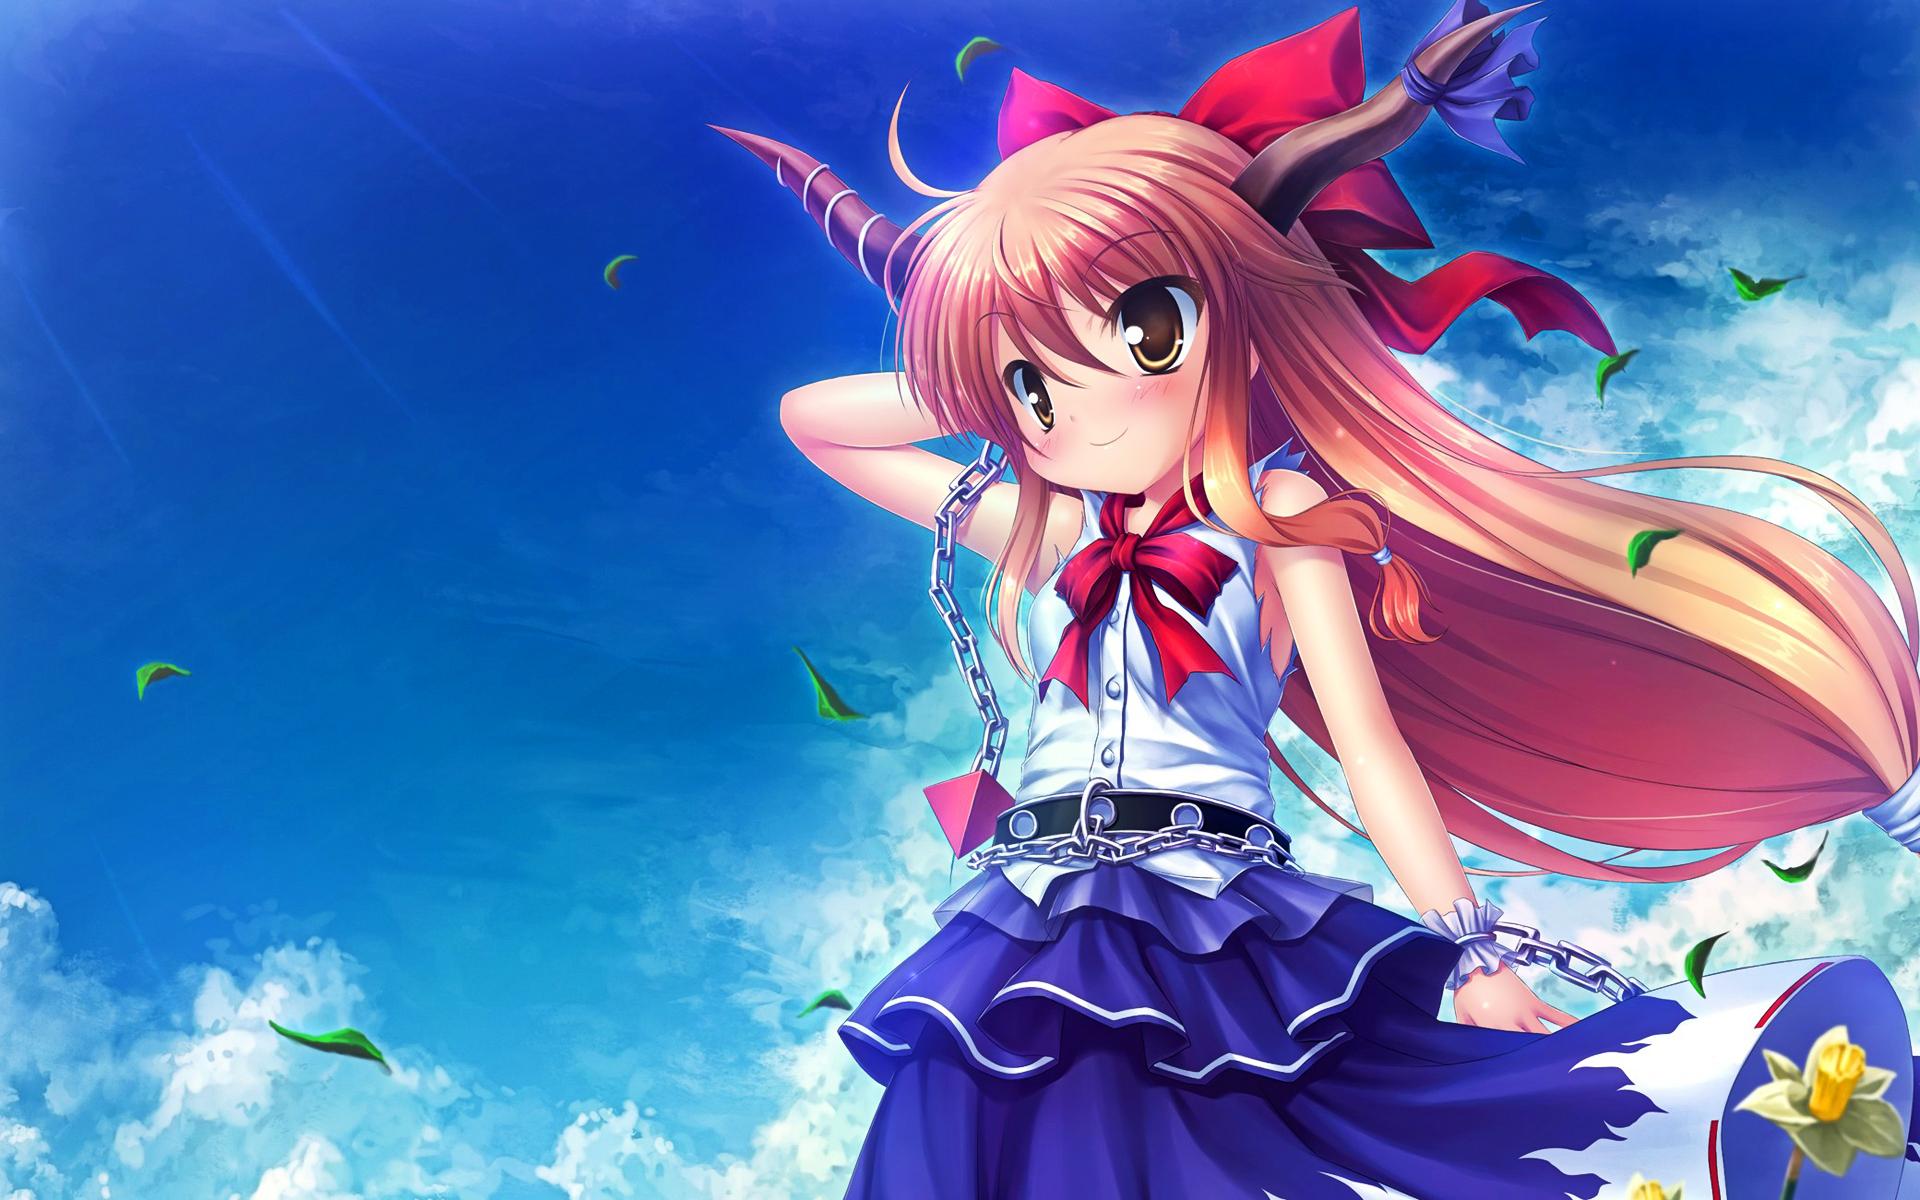 Cute Anime Wallpapers HD - WallpaperSafari